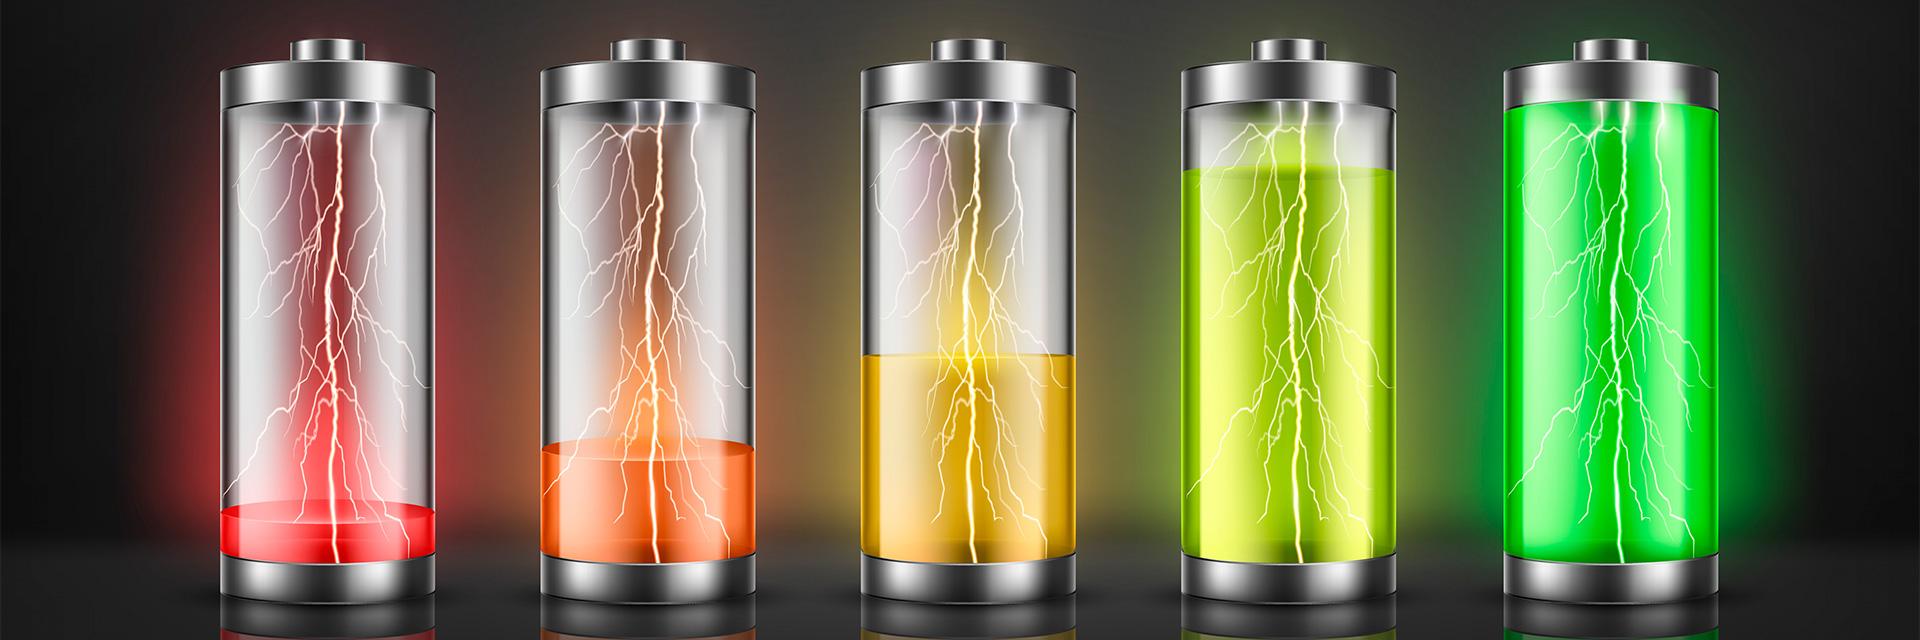 Росатом собирается осуществить производство тяговых аккумуляторов для электрокаров